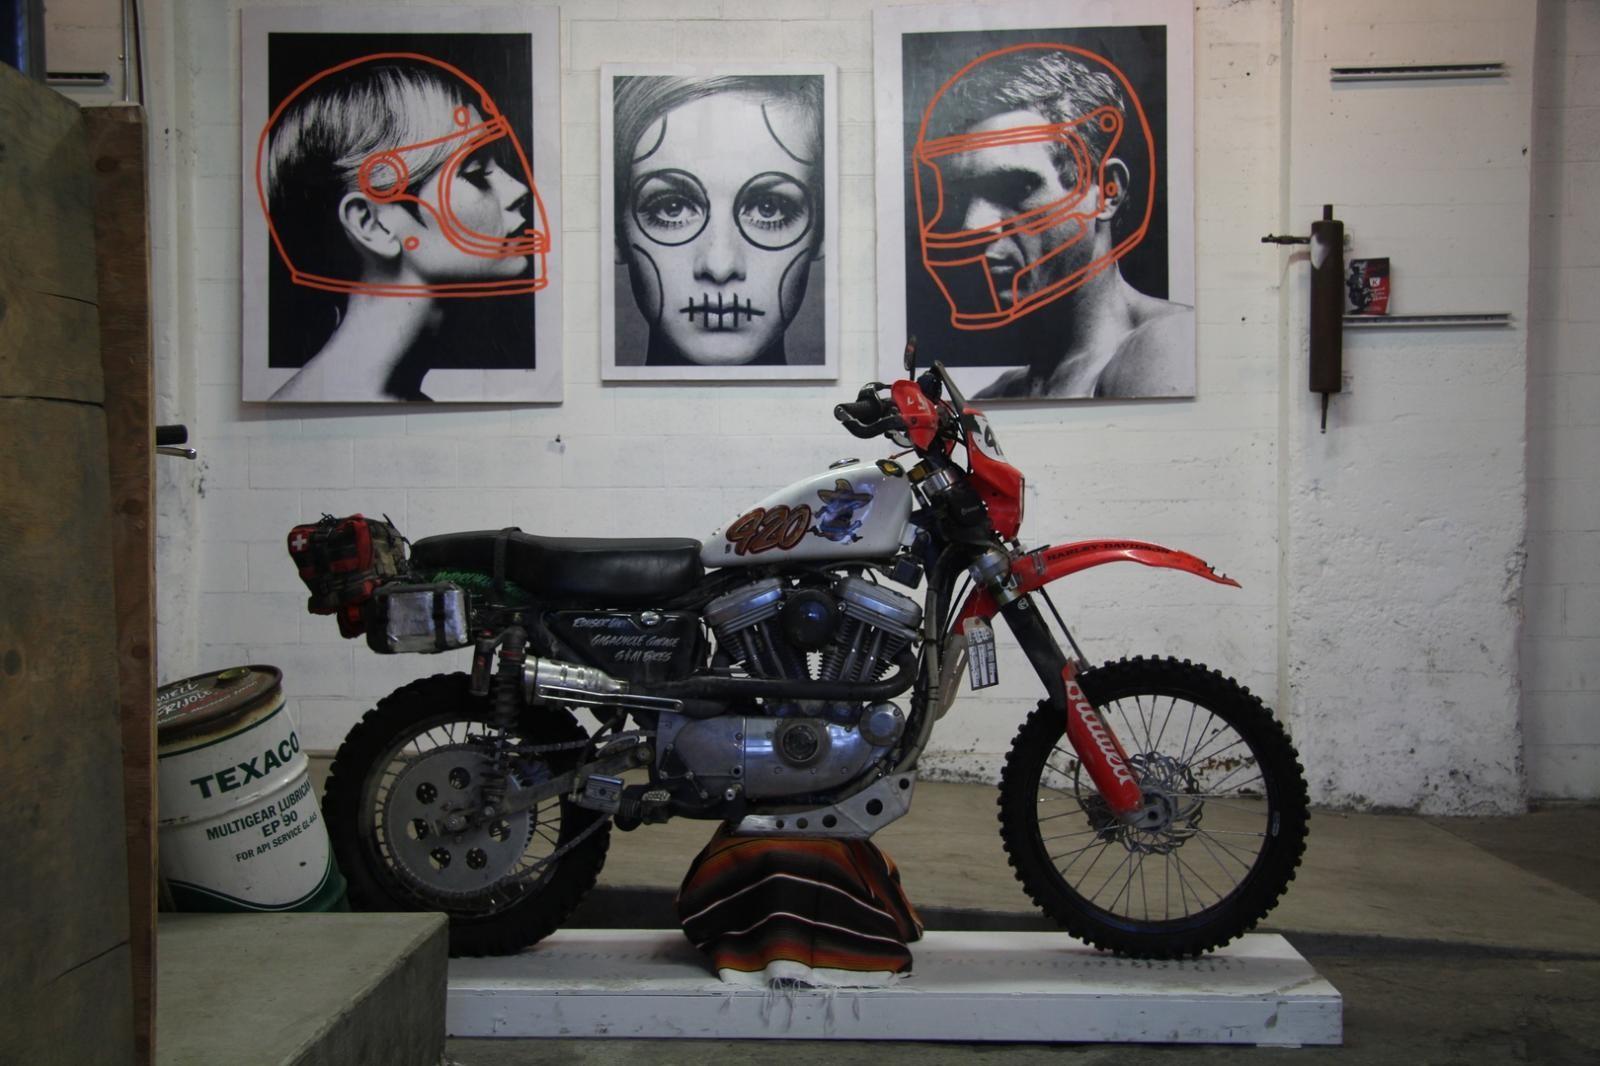 Chiêm ngưỡng những mẫu mô tô cực độc ở triển lãm Portland 2019 - 14